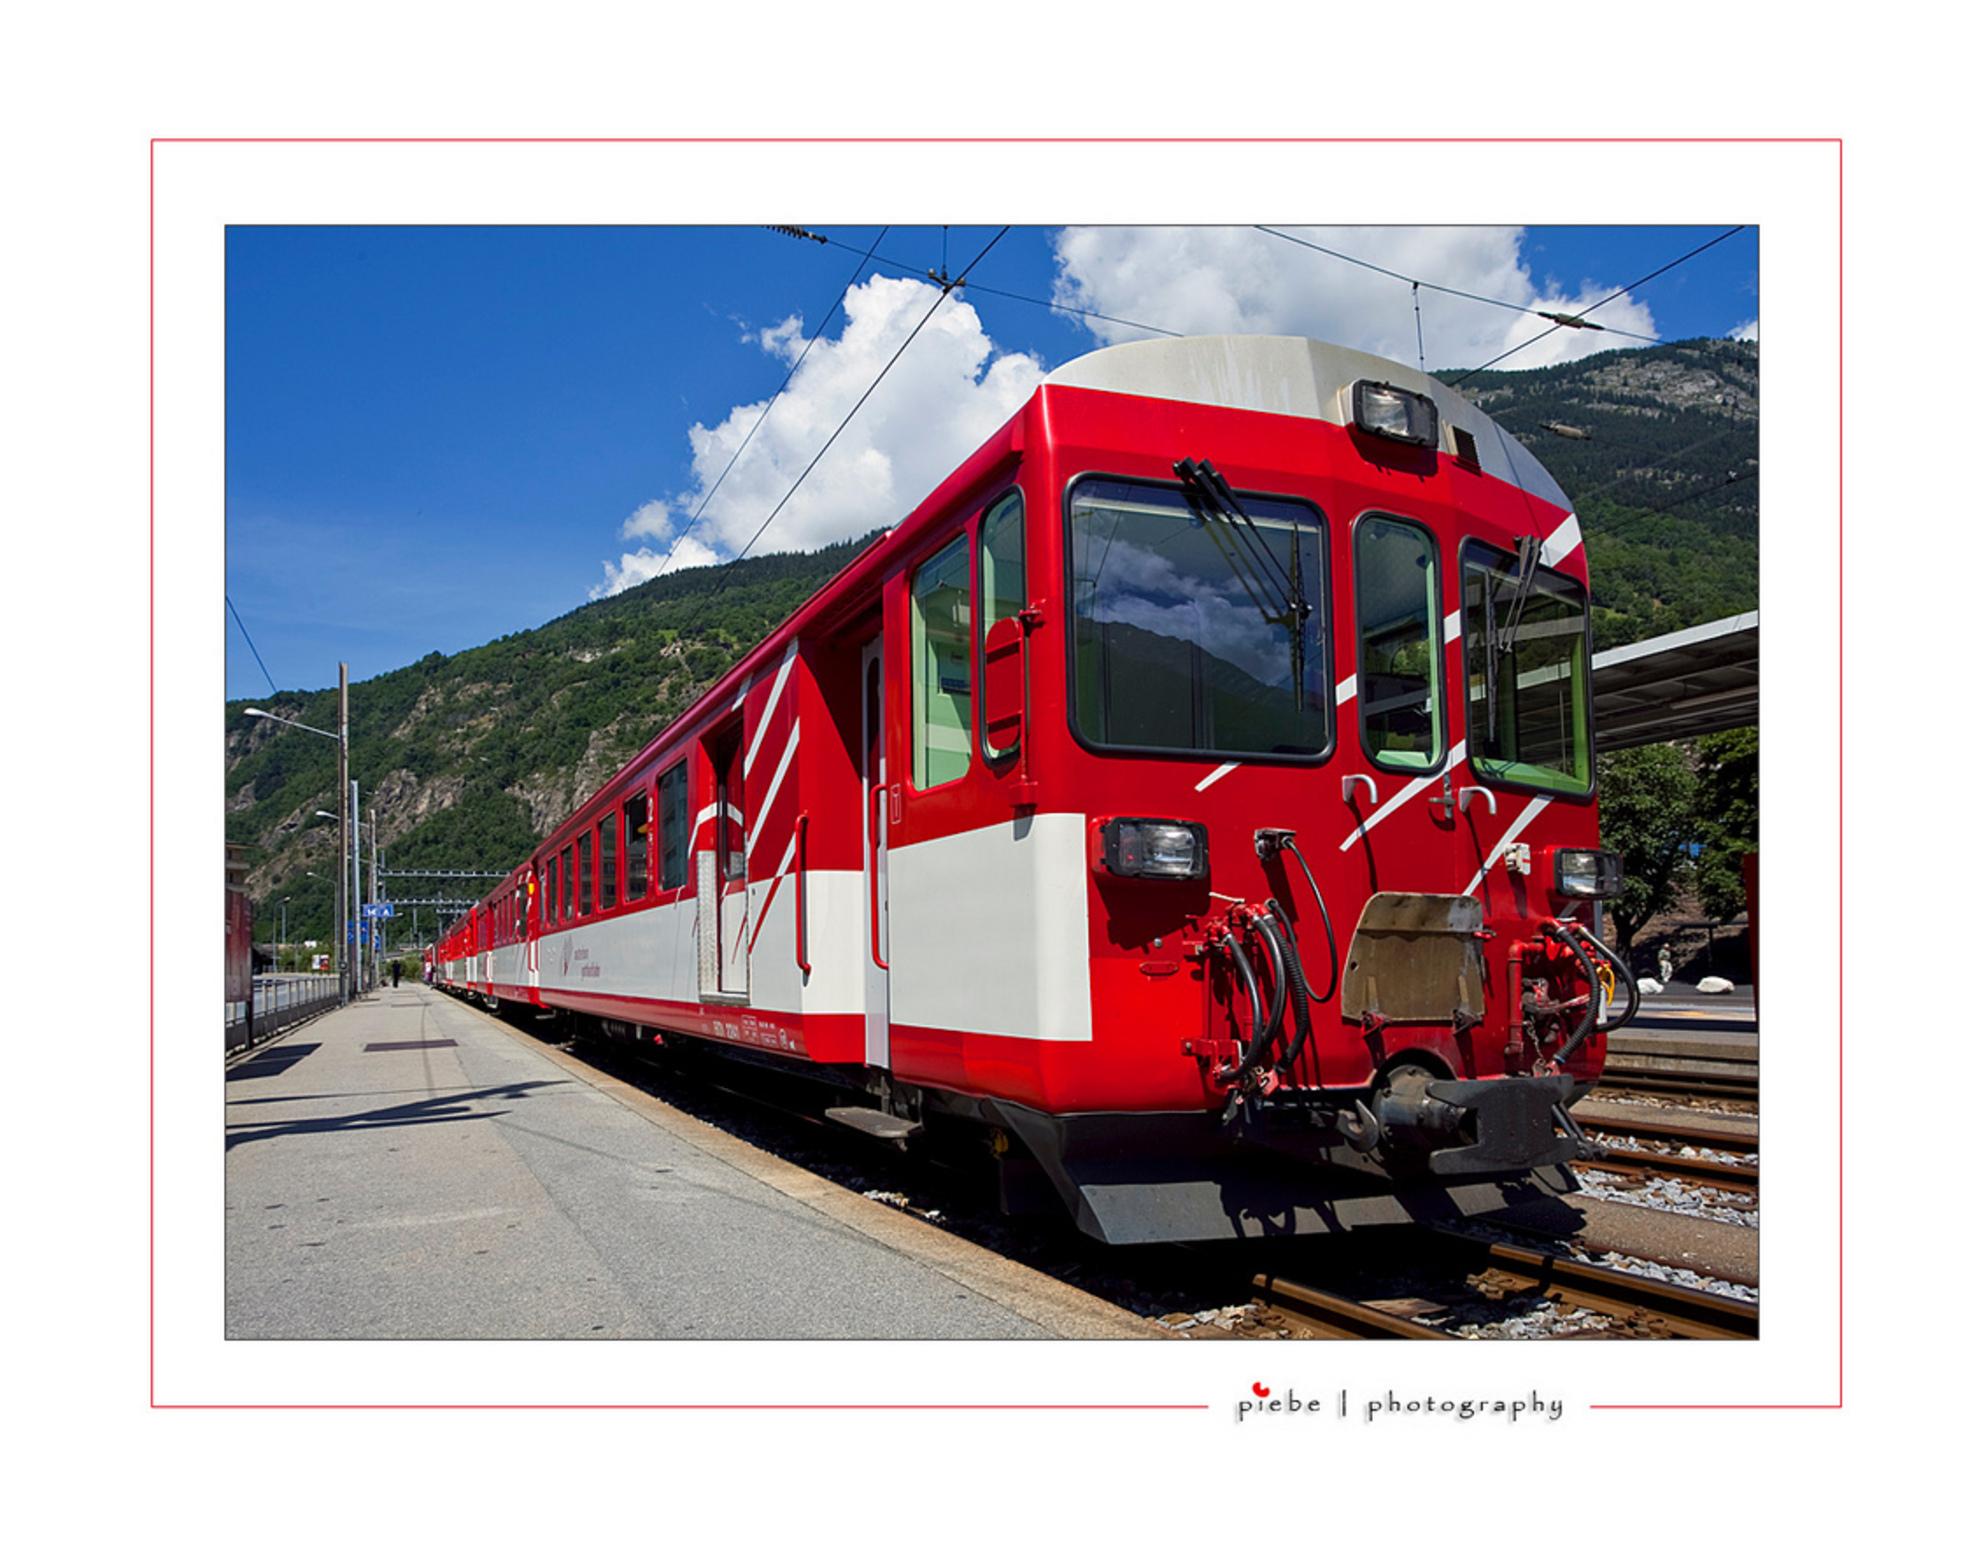 Rode bergtrein - Deze foto is weer vanuit Wallis, Zwitserland. Genomen in Brig bij het station. Ik probeer zoveel mogelijk van de omgeving te laten zien, dus misschie - foto door Piebe op 21-07-2009 - deze foto bevat: station, rood, trein, bergen, zwitserland, wallis, brig - Deze foto mag gebruikt worden in een Zoom.nl publicatie